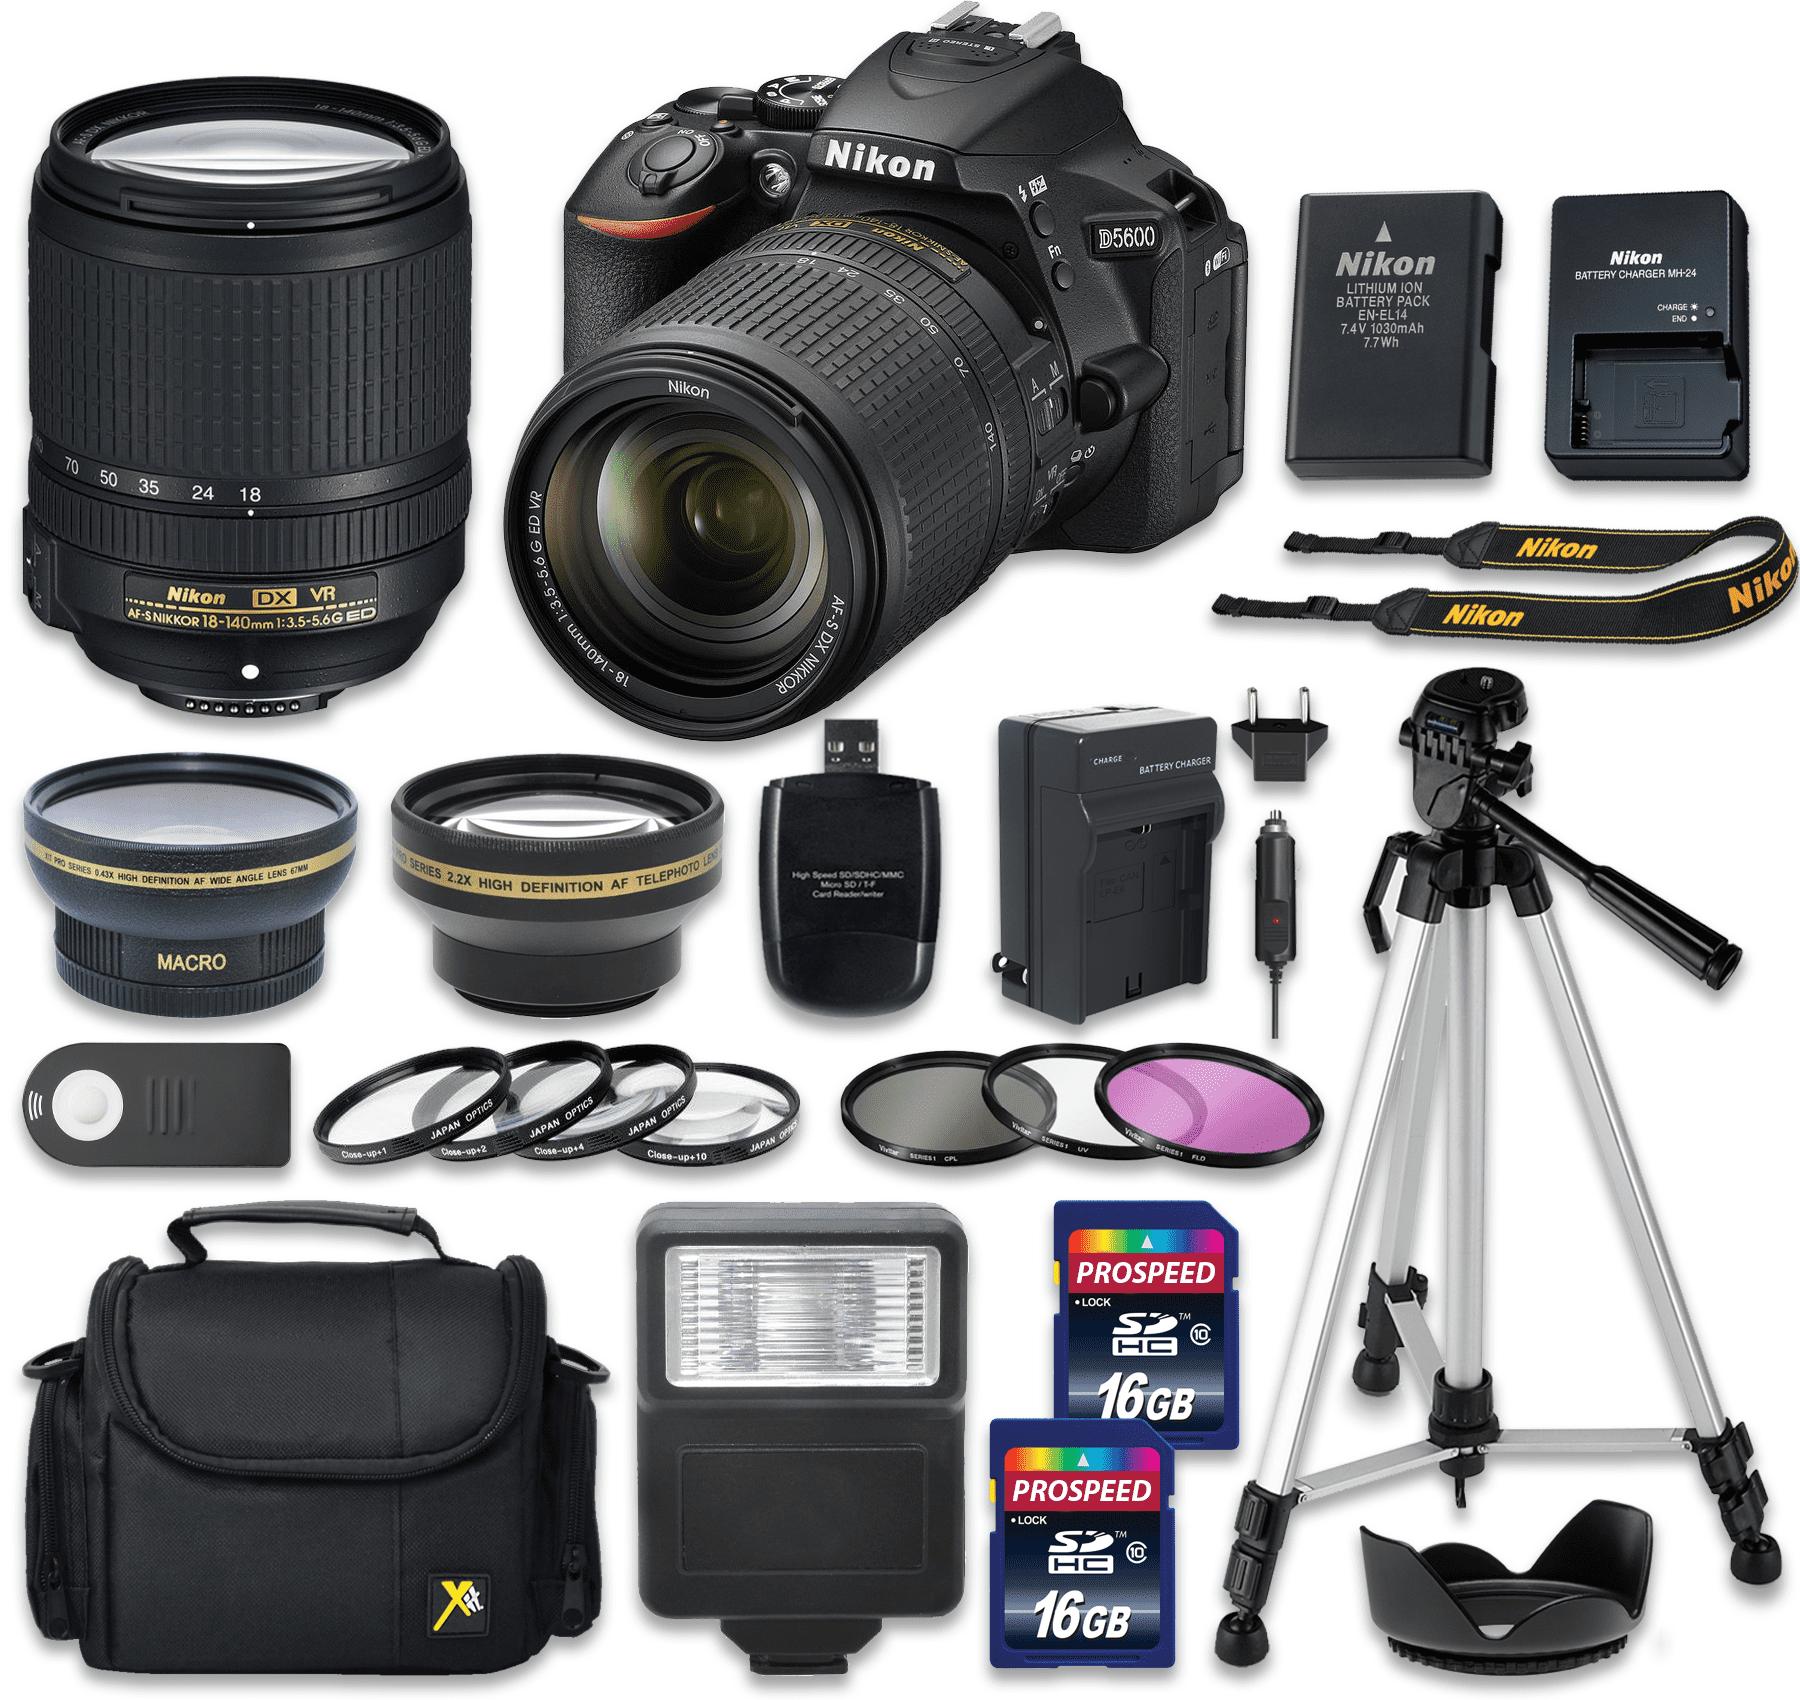 D5600 DX-format Digital SLR Body with NIKKOR 18-140mm f/3...